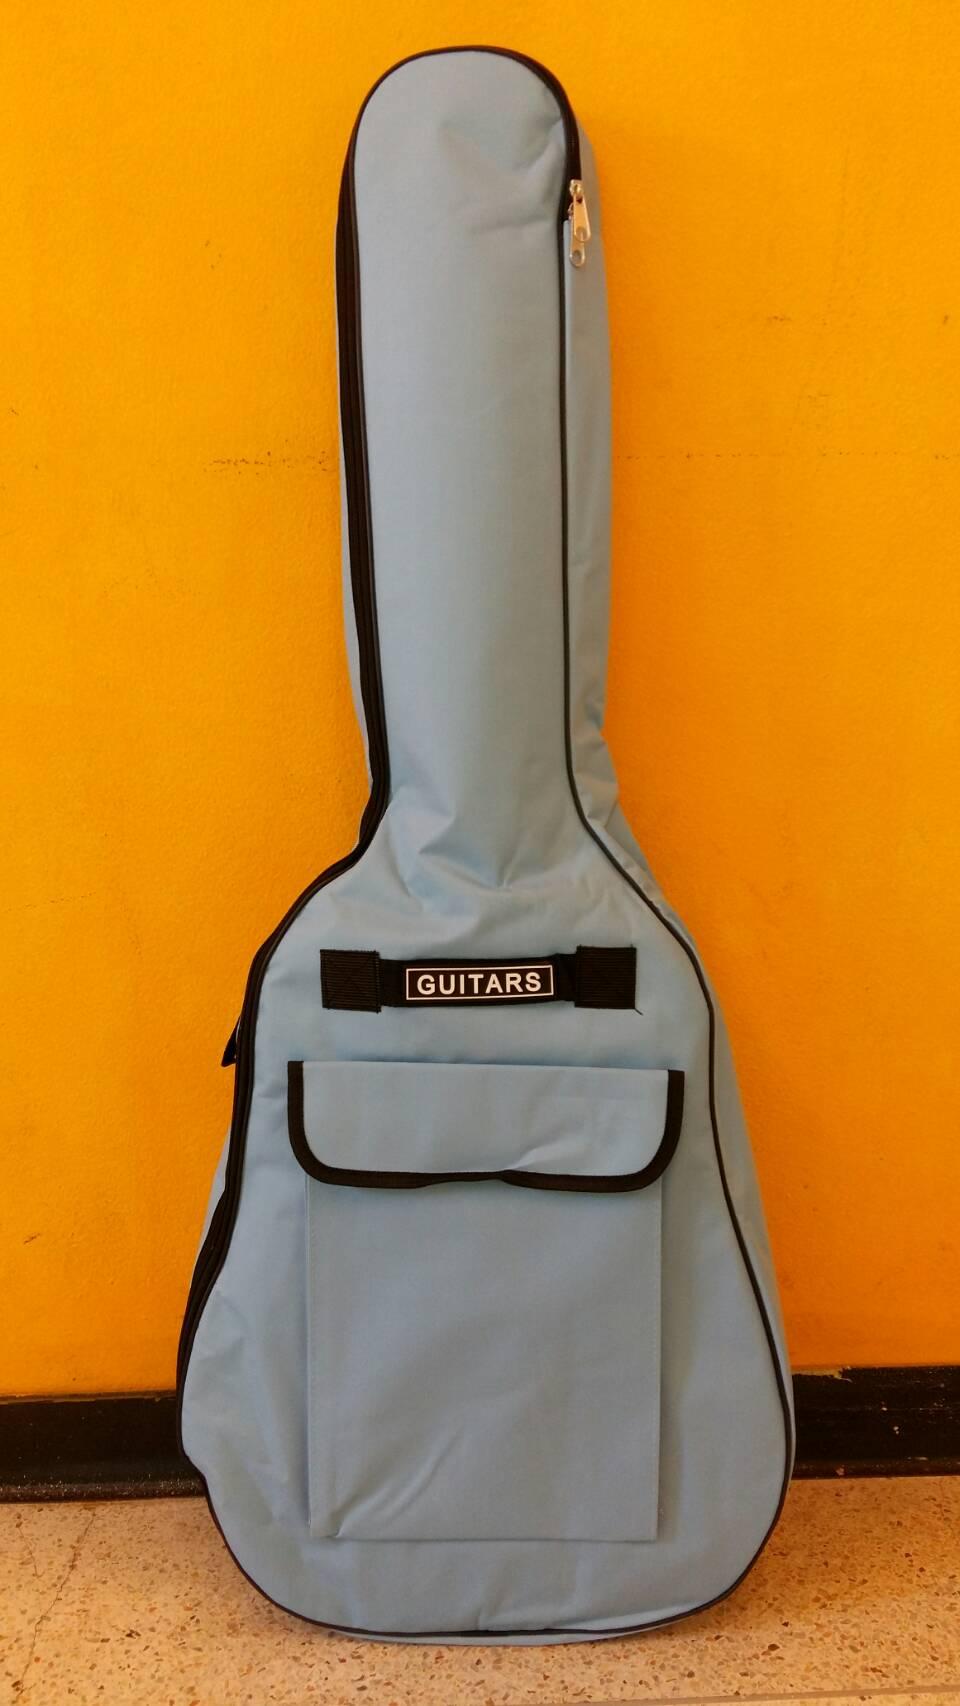 กระเป๋ากีตาร์บุฟองน้ำ สีฟ้า ขนาด 41 นิ้ว